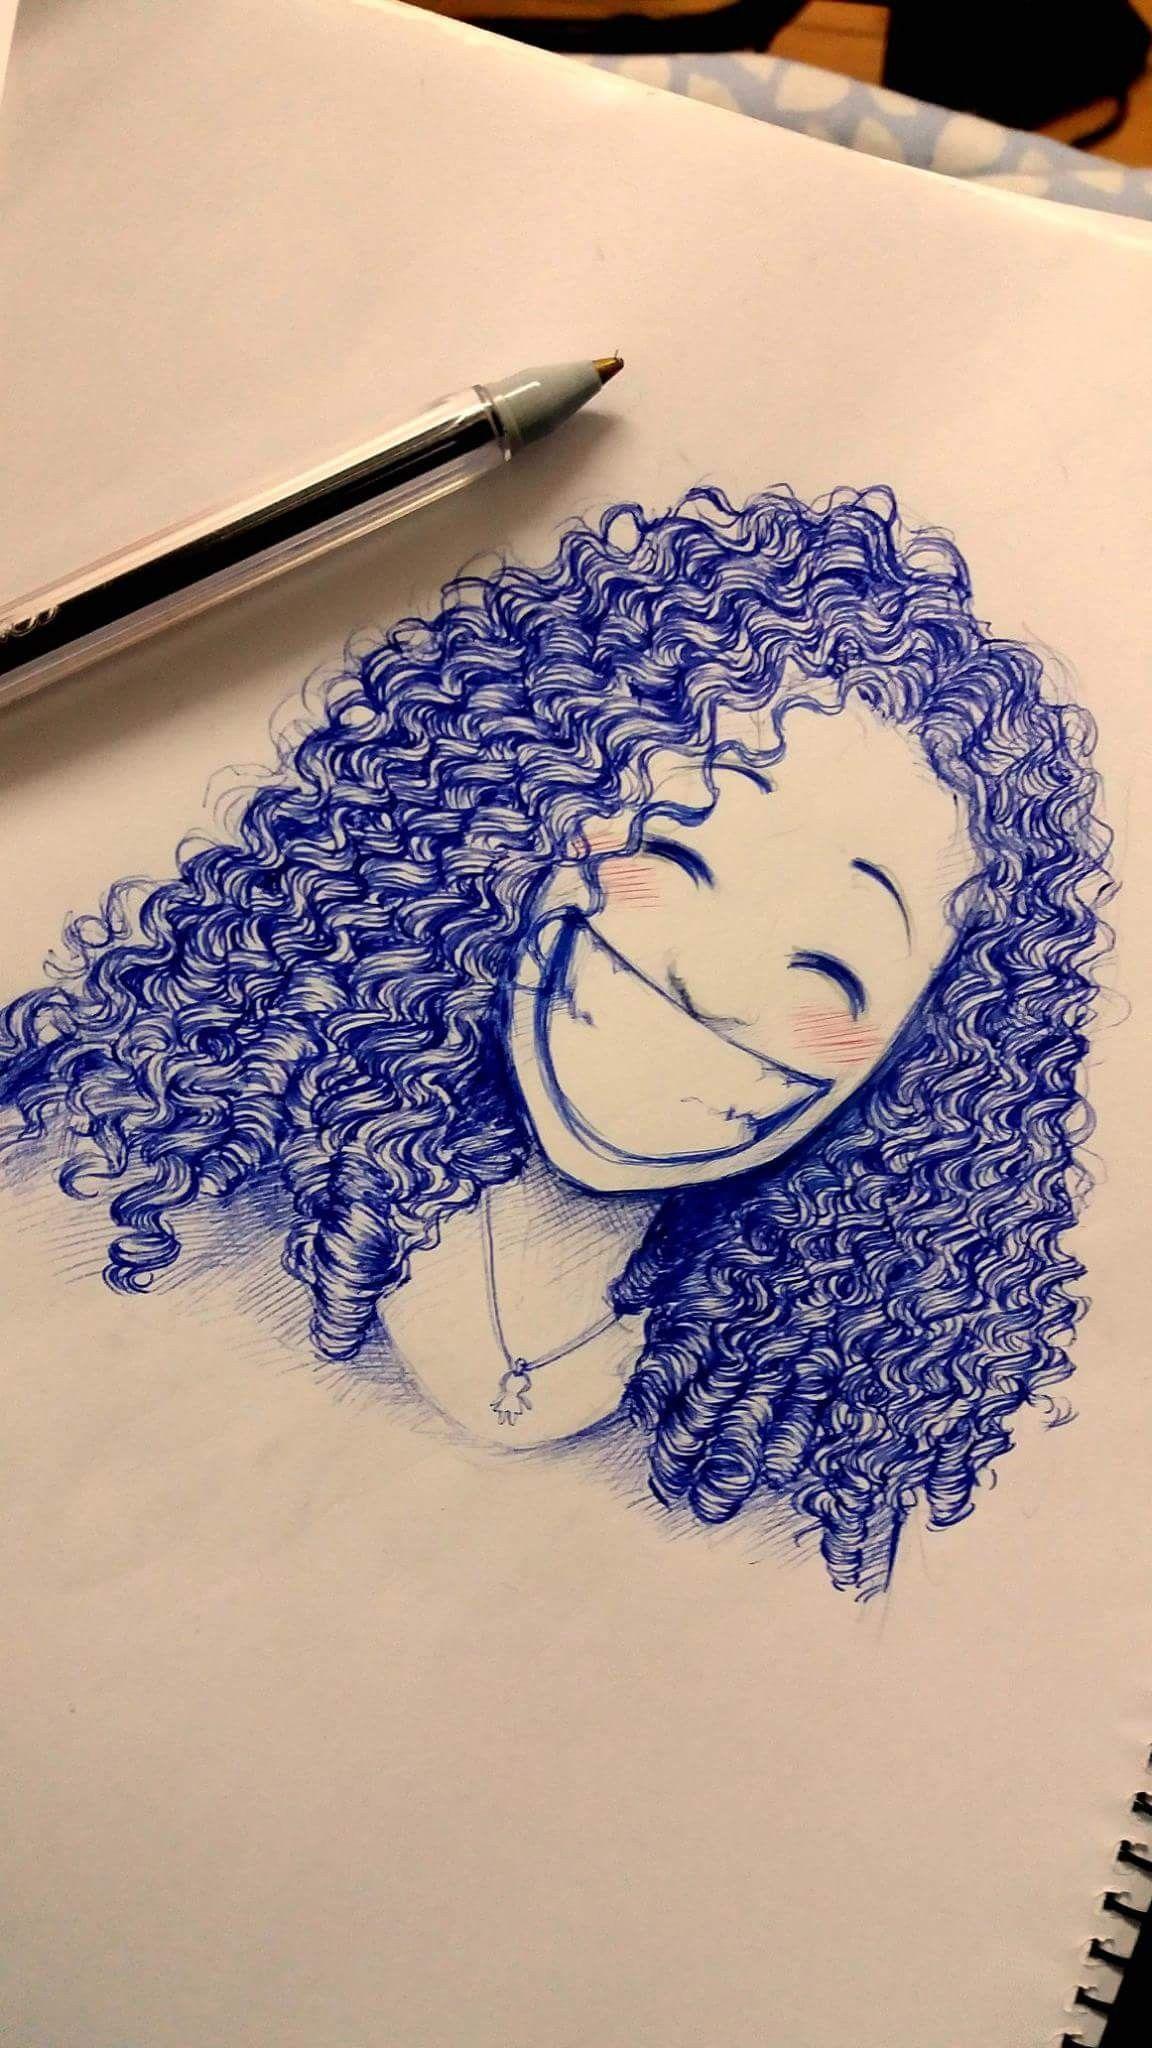 Dibujo Sorrisos Desenho Desenhos De Cabelos Cacheados Cabelo